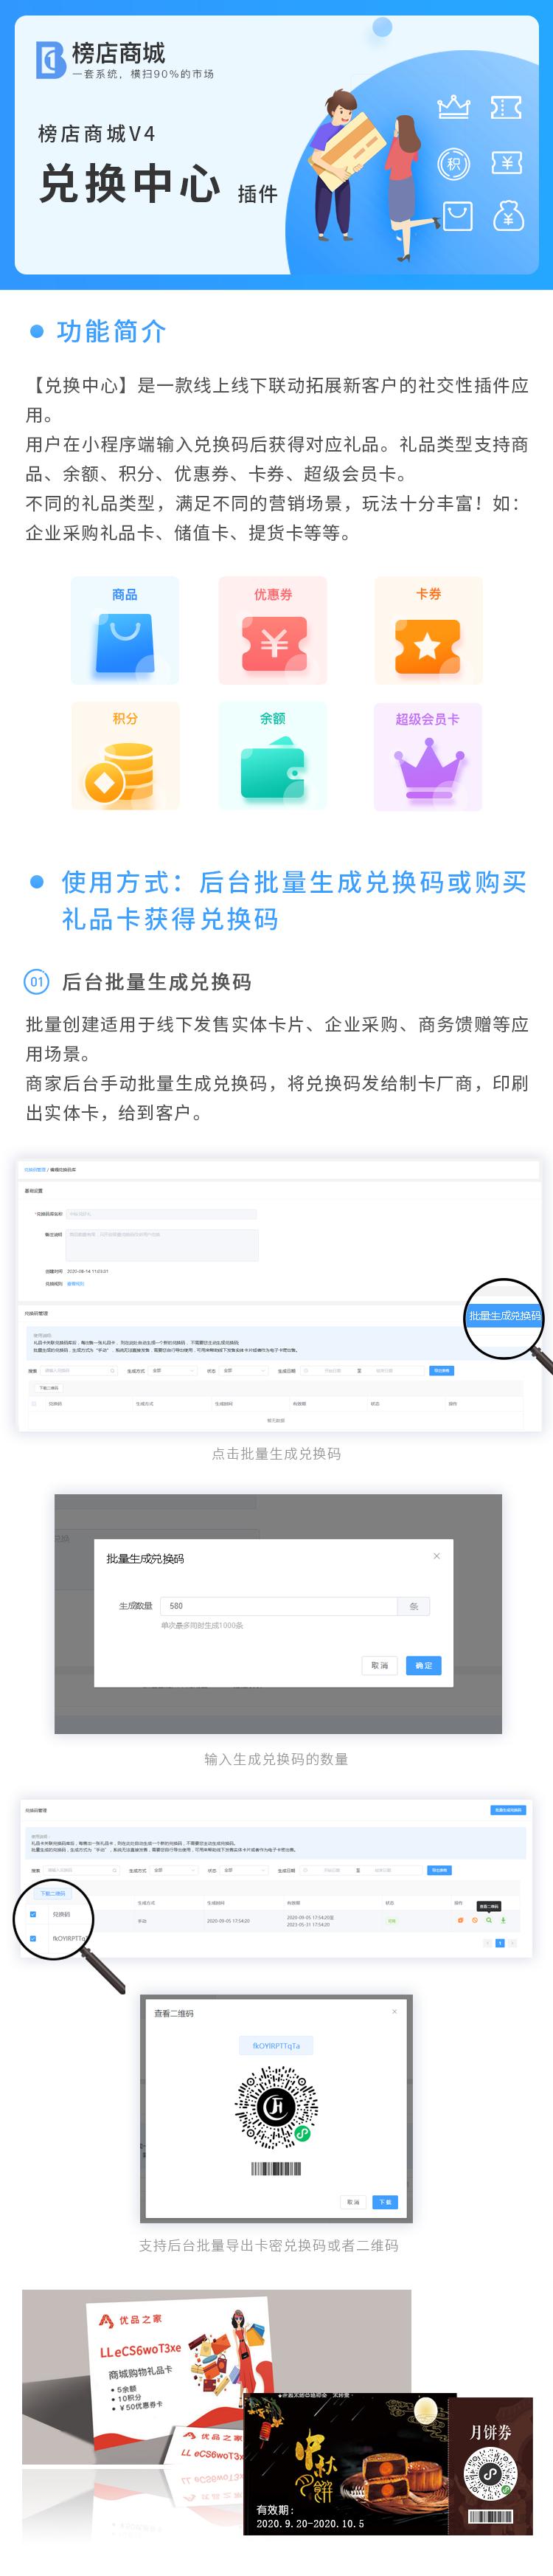 兑换中心宣传图_01(2).png